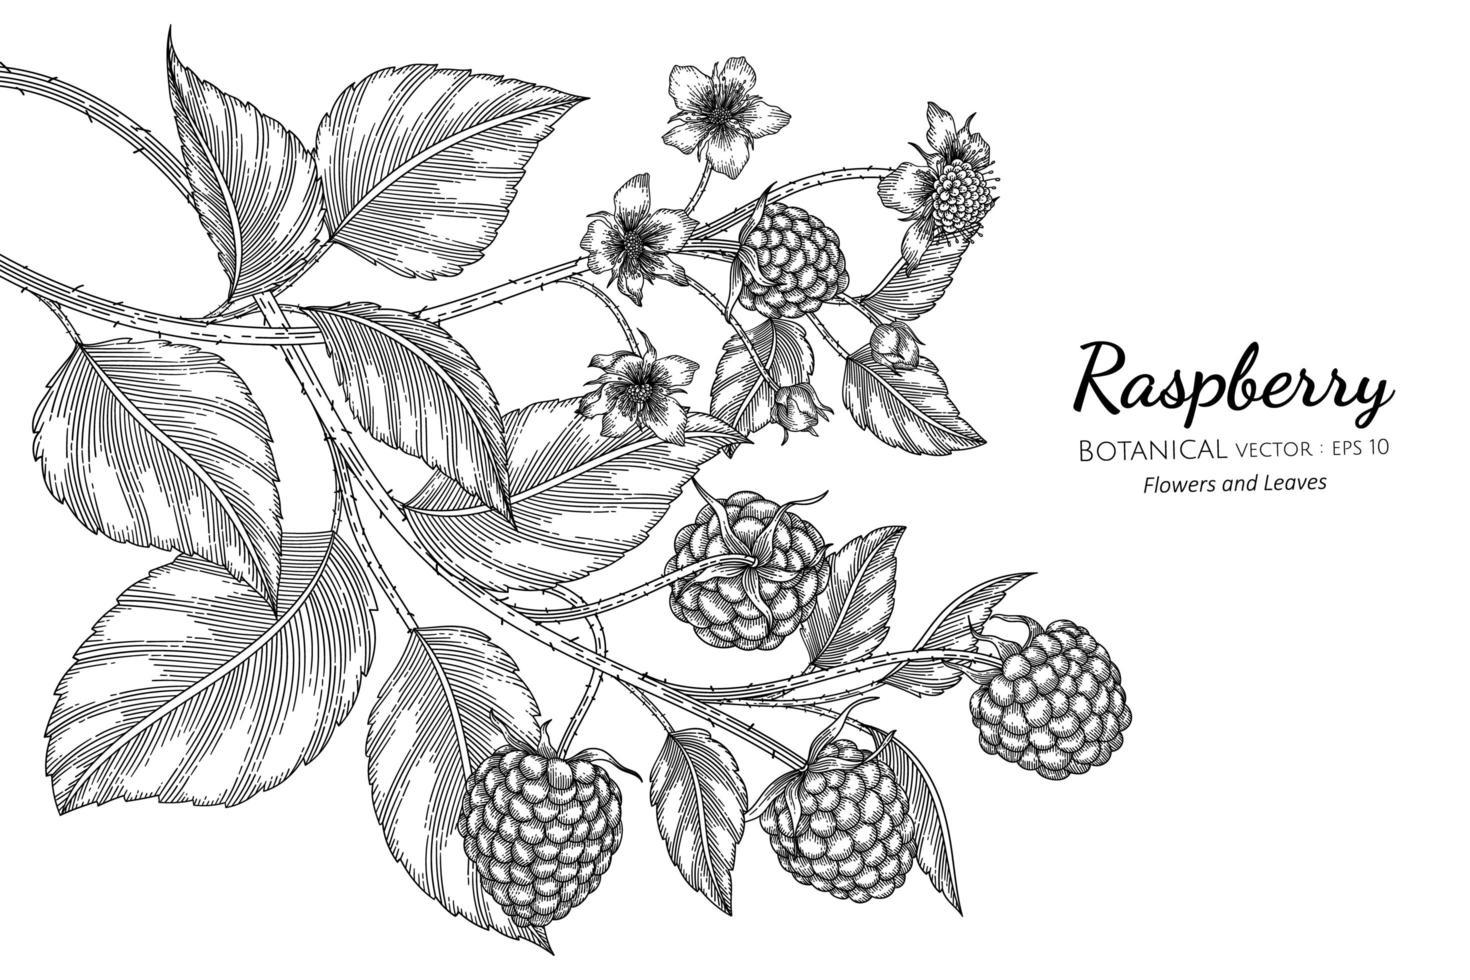 framboesa desenhada à mão ilustração botânica com arte em fundo branco vetor